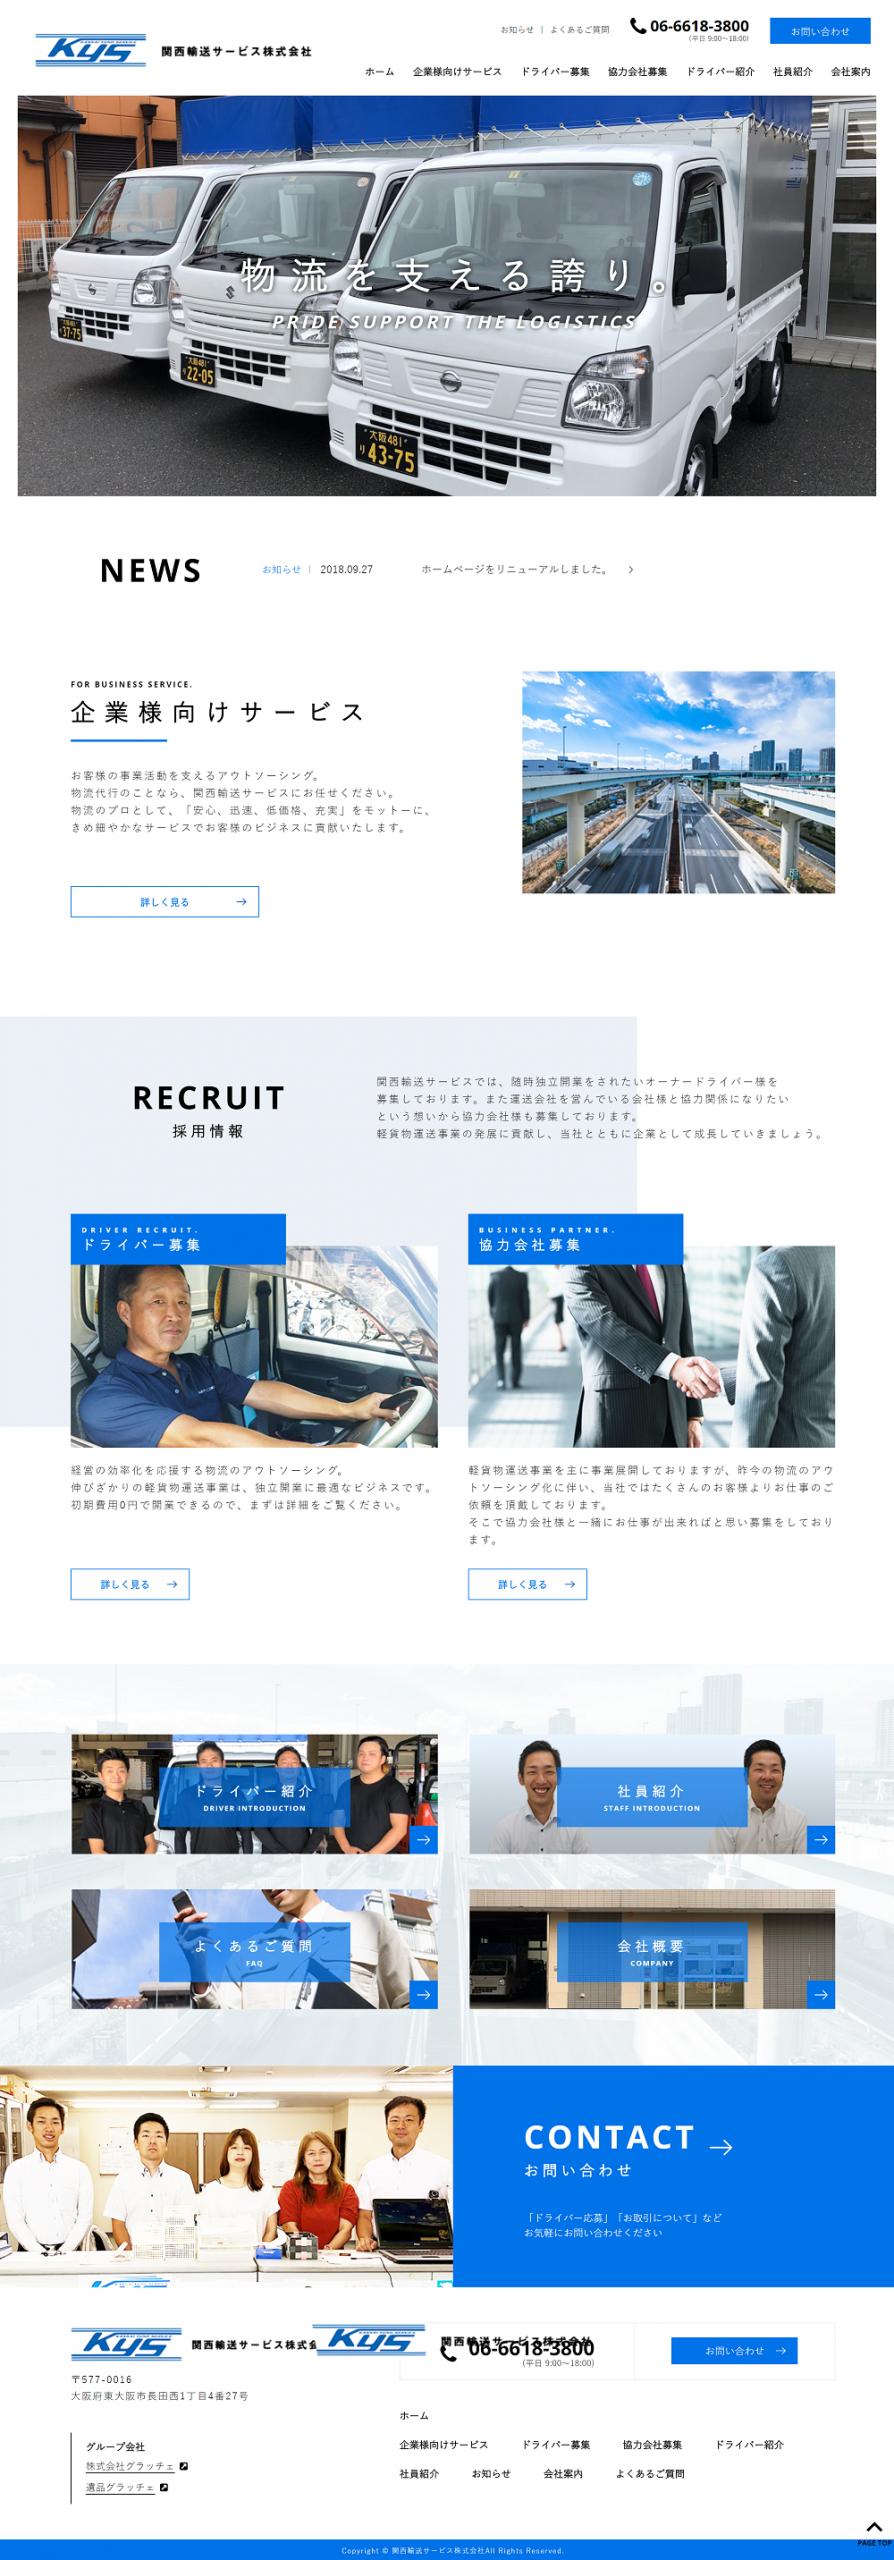 関西輸送サービス株式会社